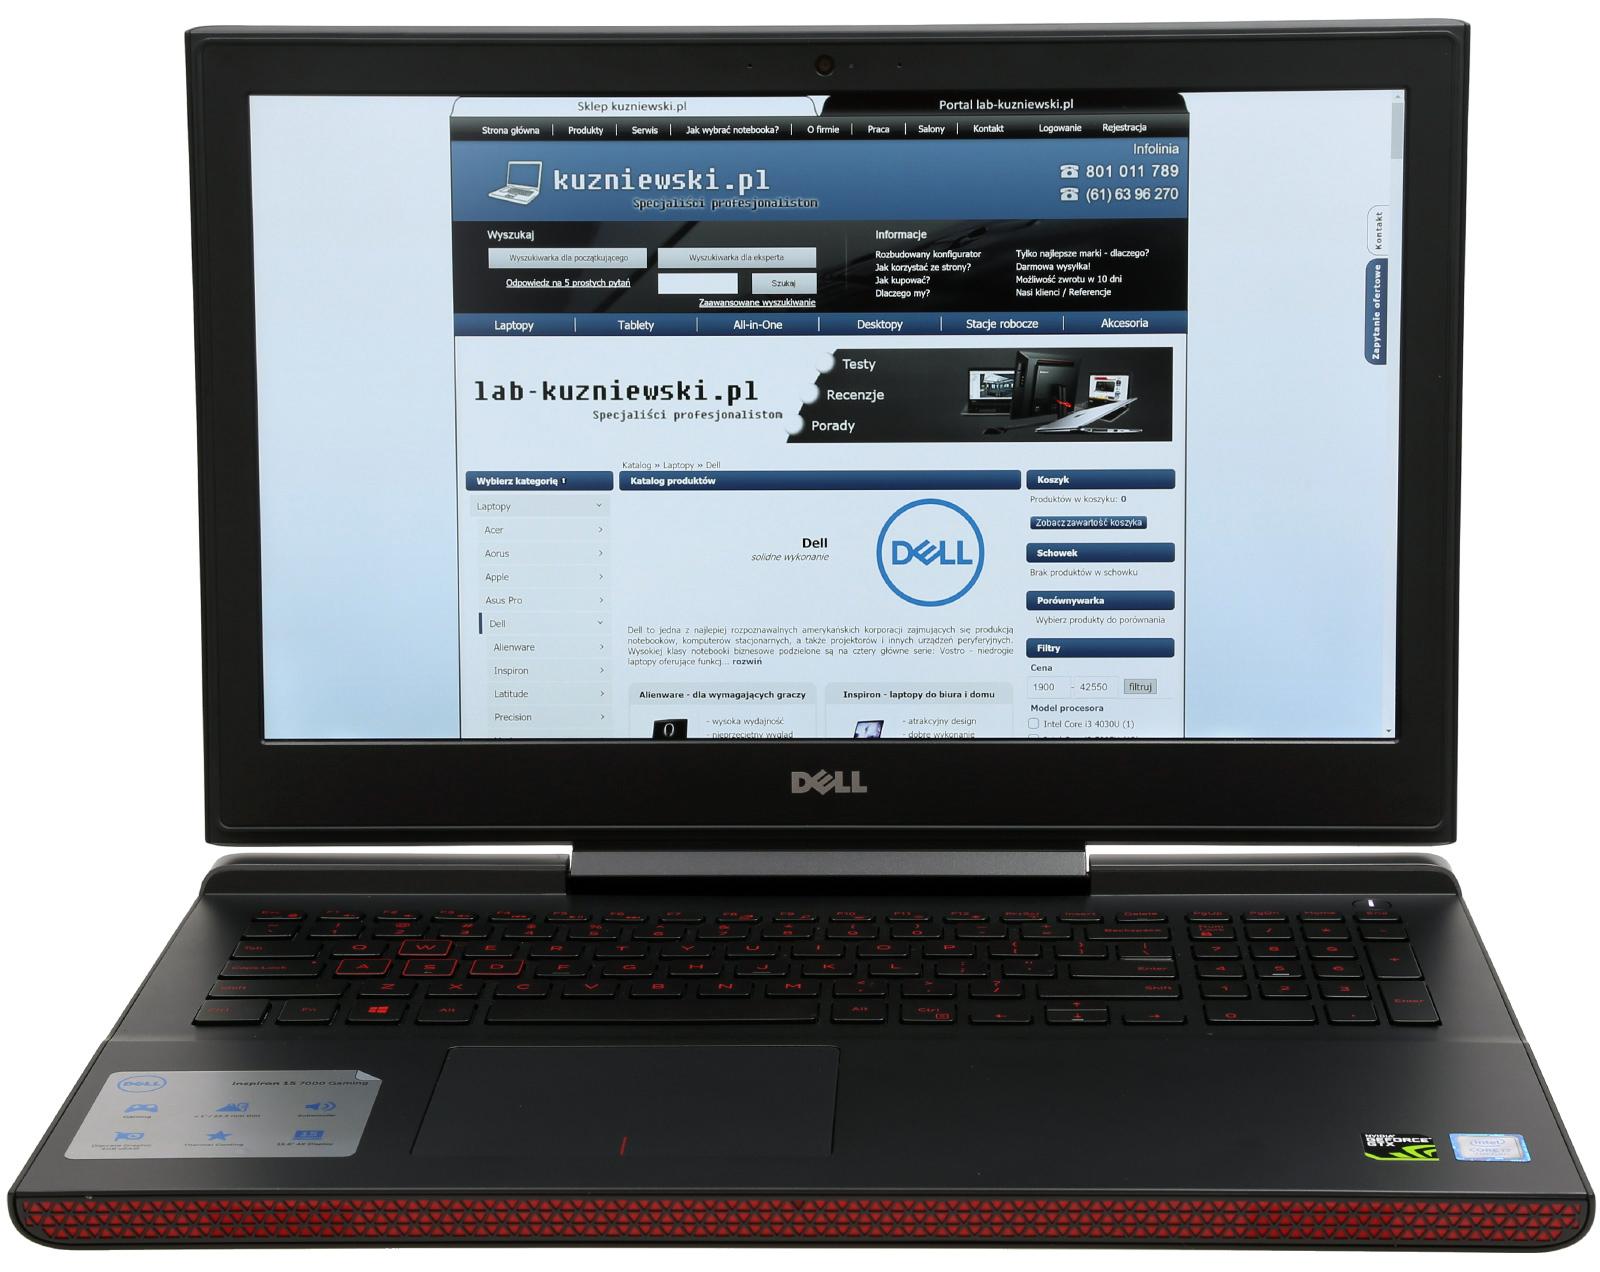 Dell Inspiron 15 7567 5372 Intel Core I5 7300hq 156 Full 3576 Hd 8 Gb 256 Ssd Nvidia Geforce Gtx 1050 Windows 10 Pakiet Usug I Wysyka